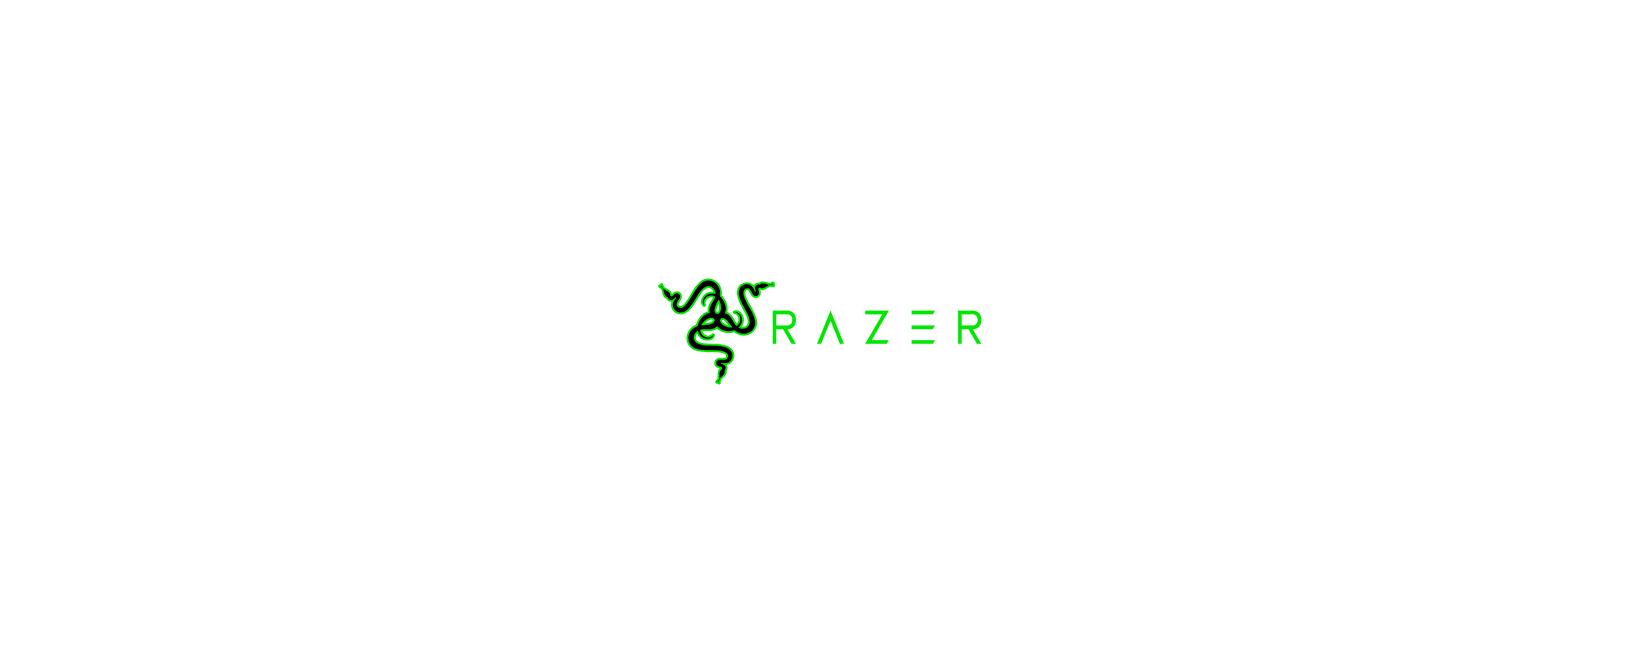 Razer Discount Code 2021